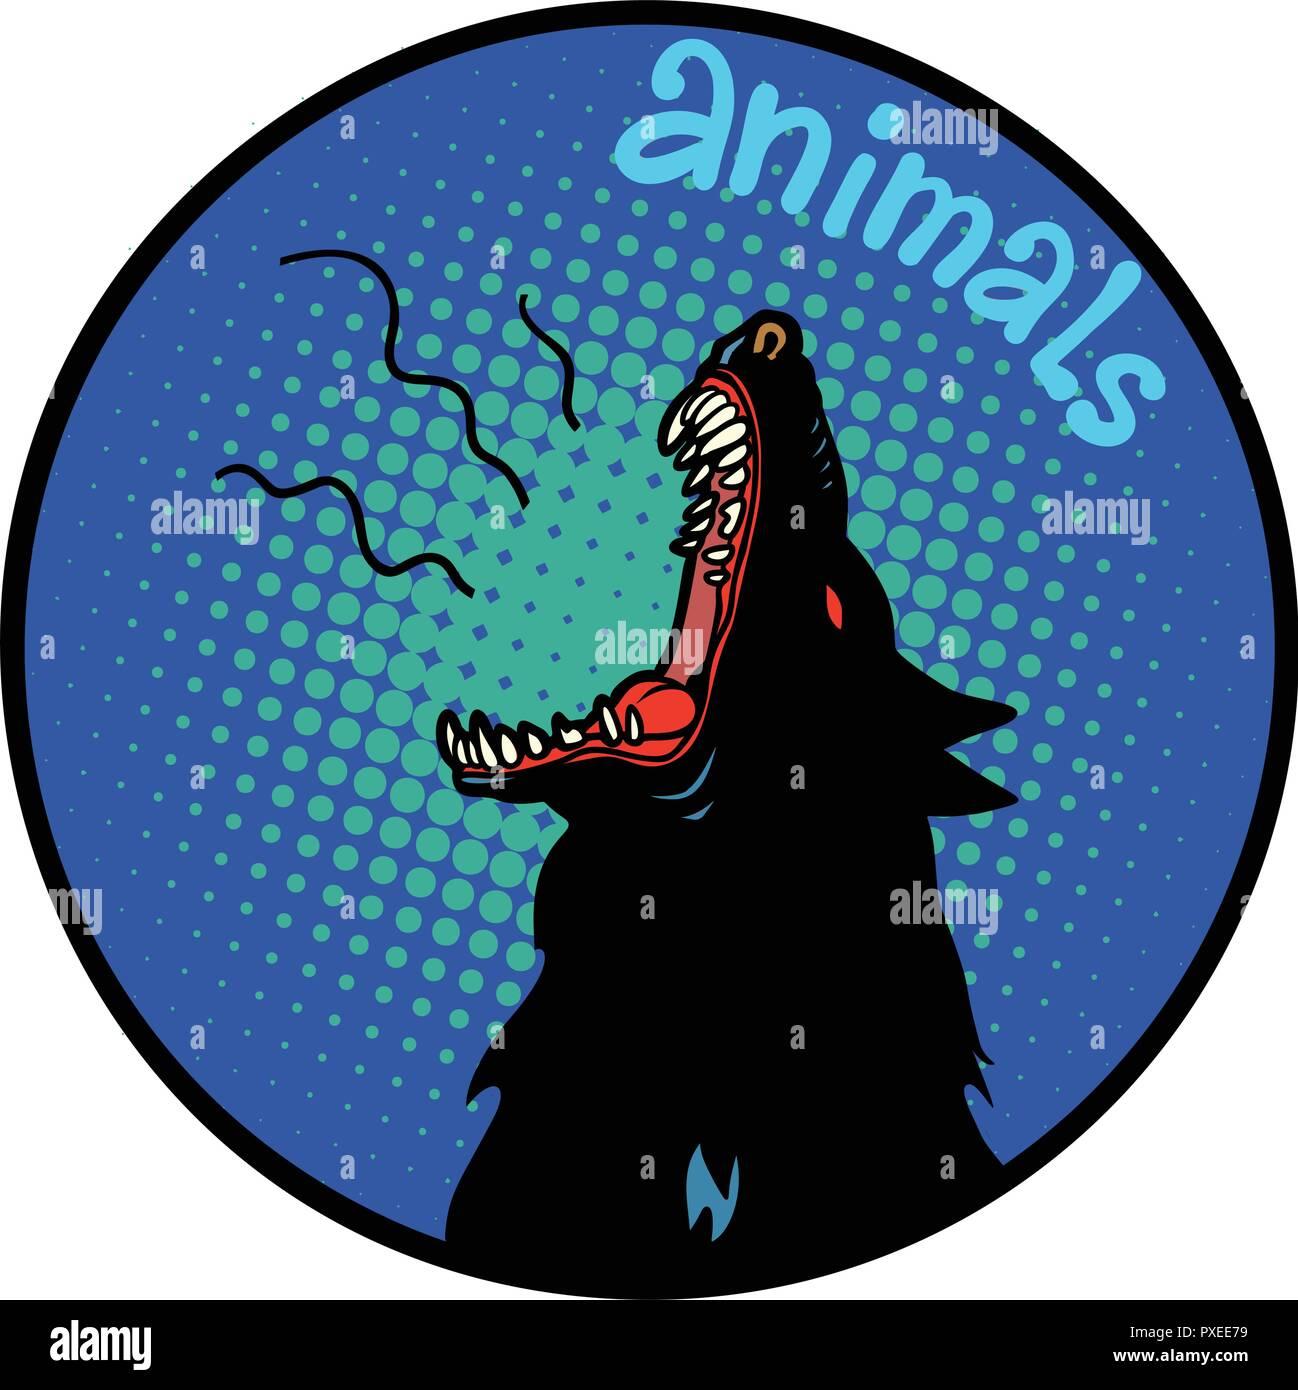 animals wolf howls icon symbol circle emblem - Stock Image